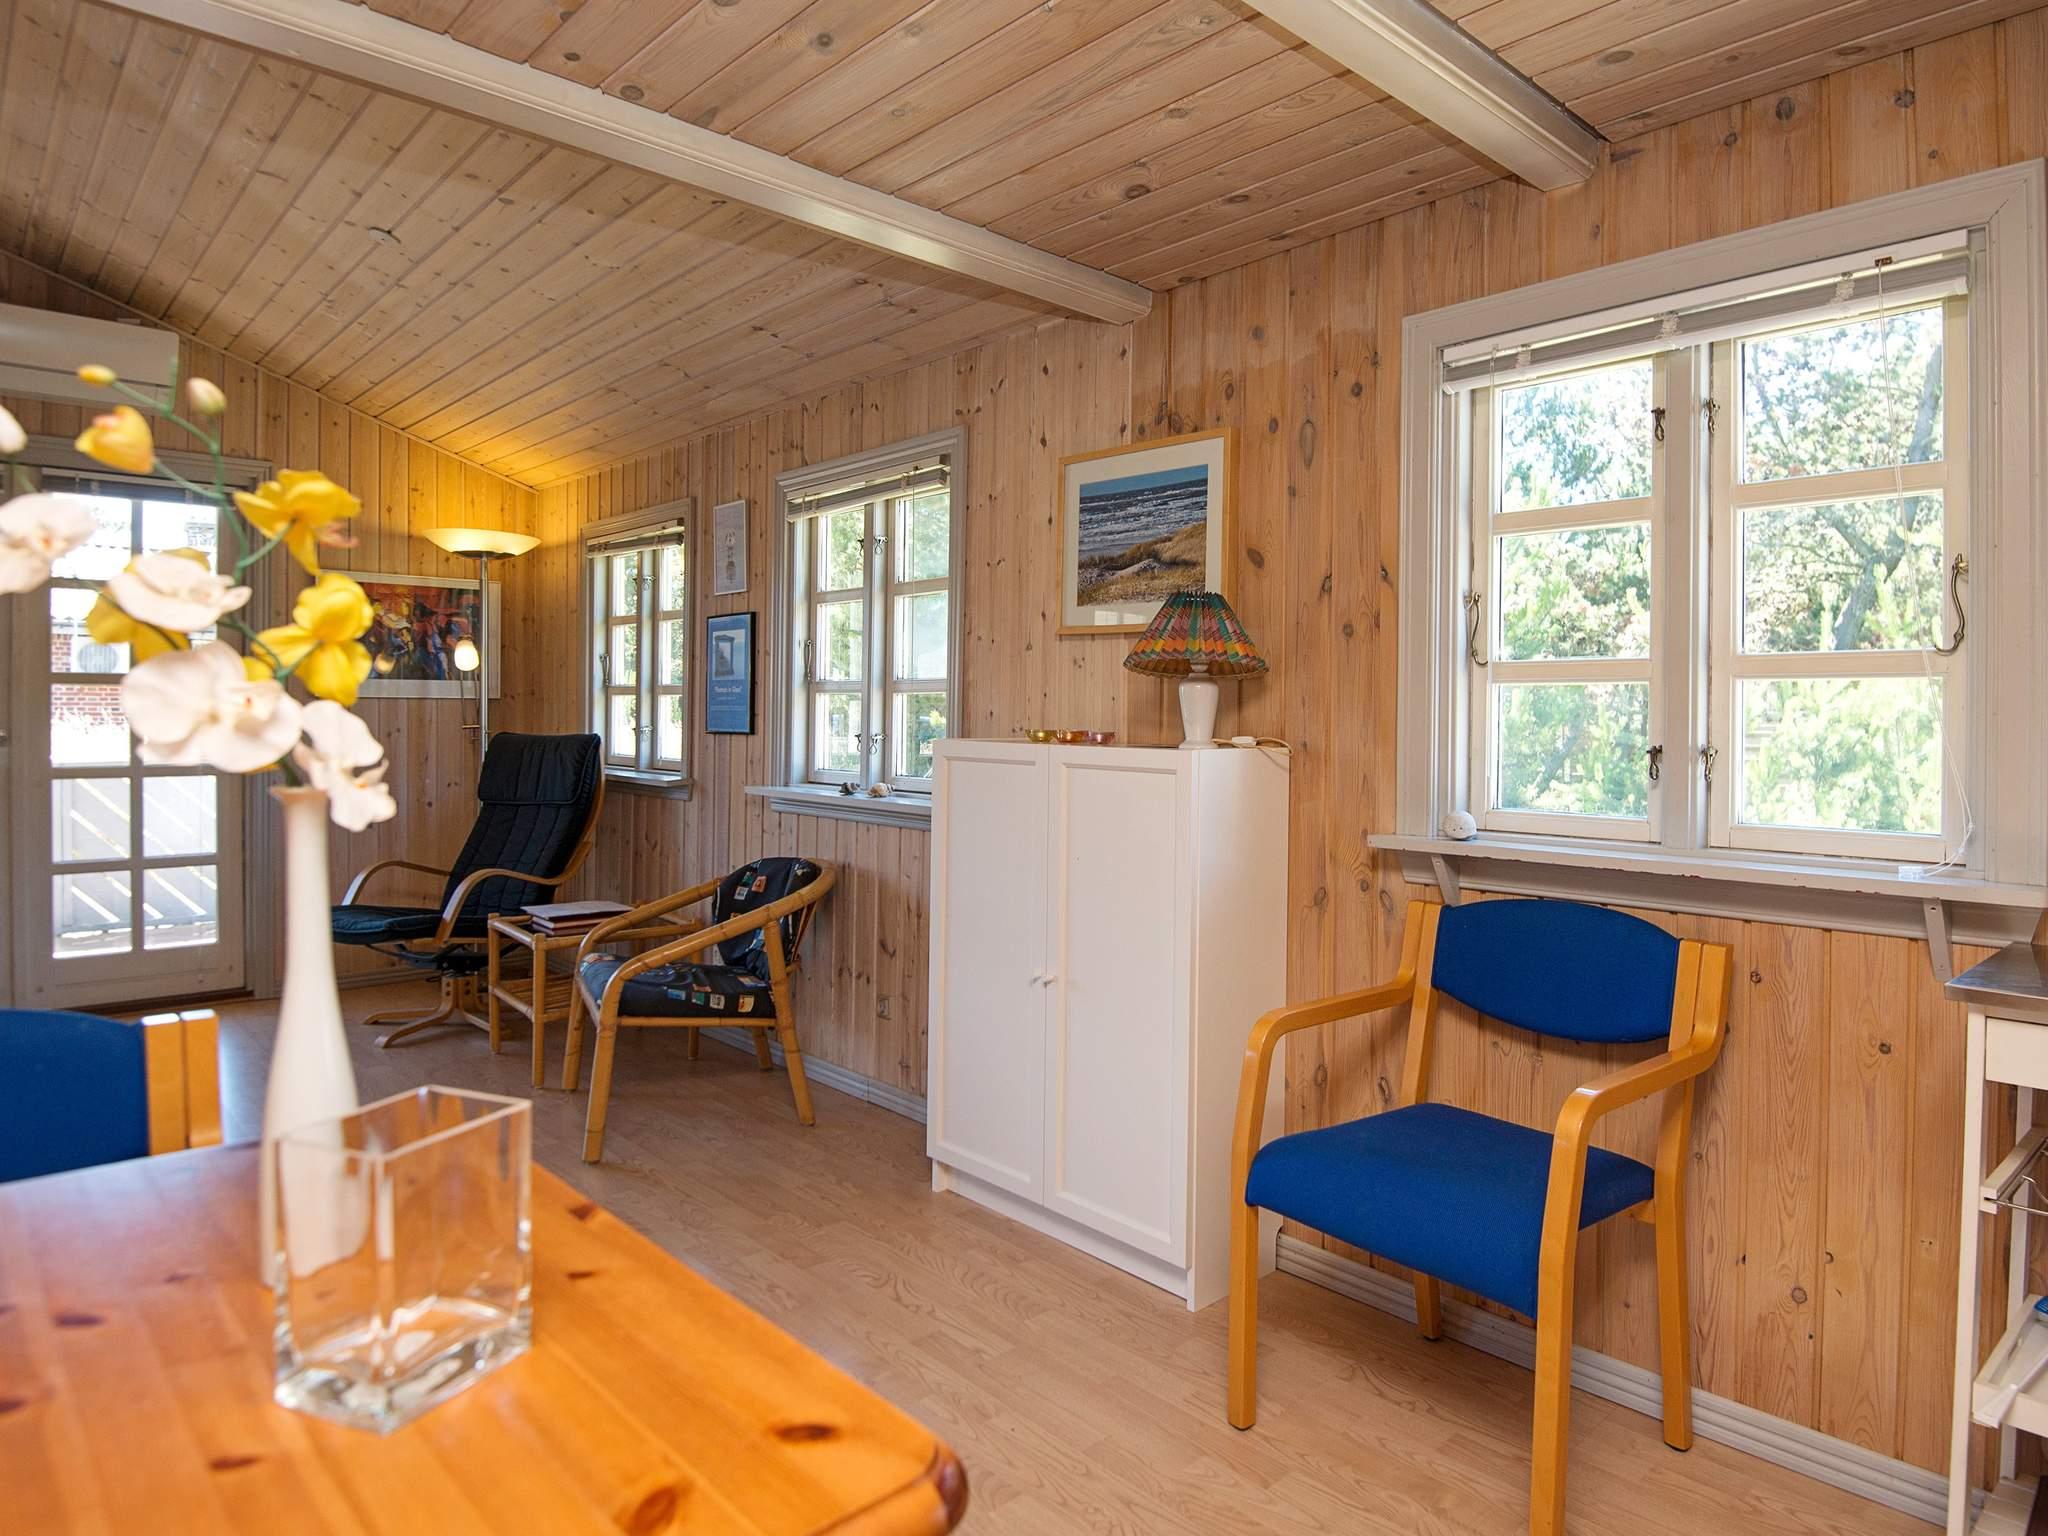 Ferienhaus Grærup (88525), Grærup, , Westjütland, Dänemark, Bild 10